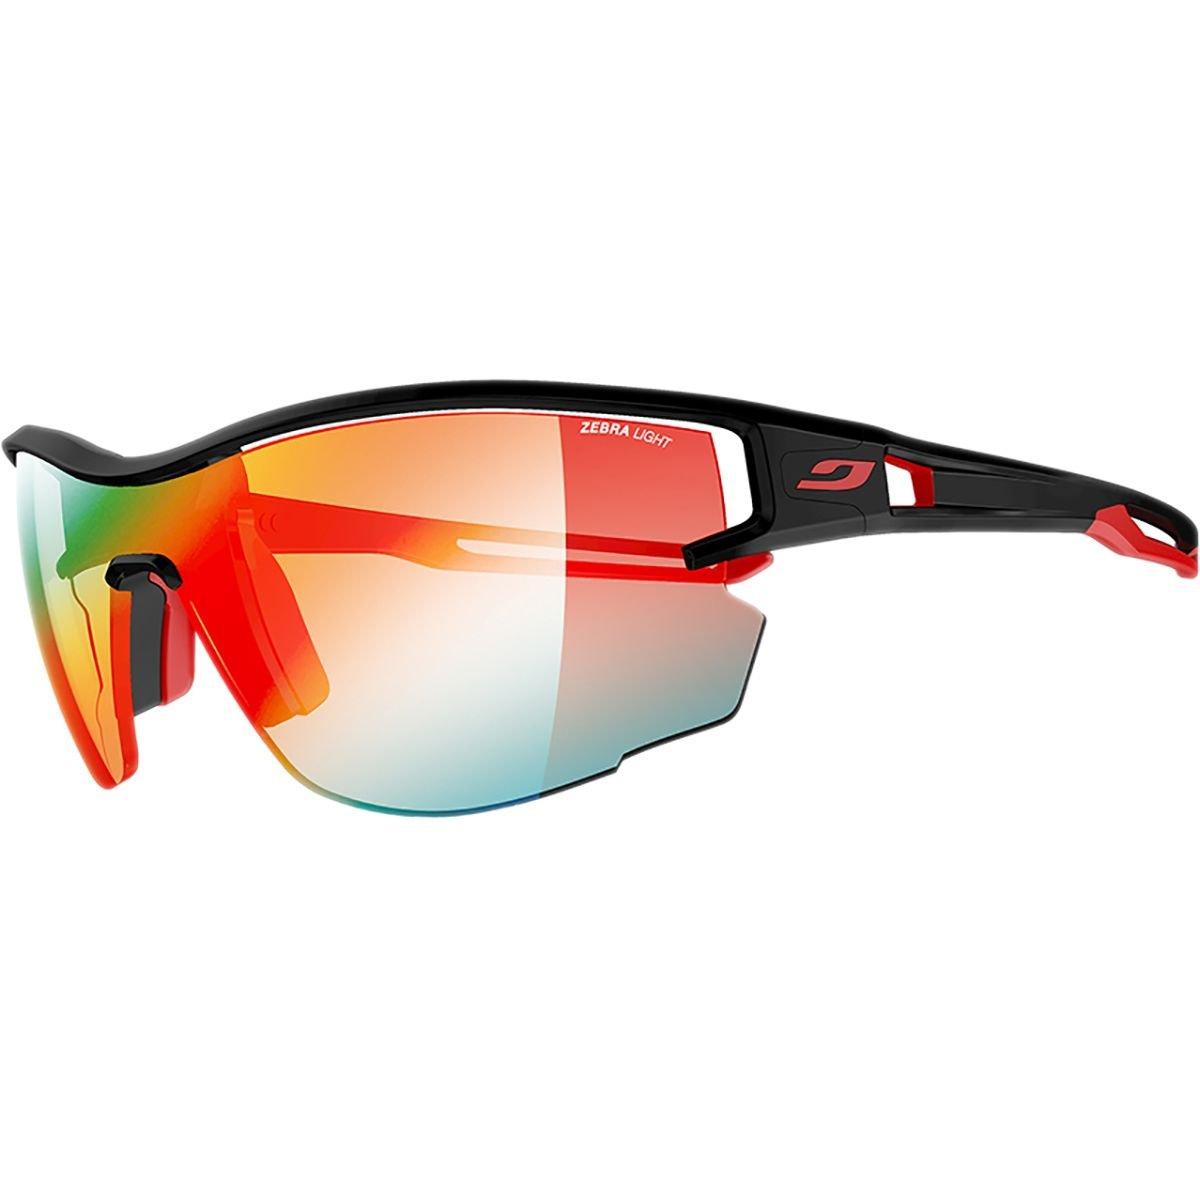 [ジュルボ] メンズ サングラスアイウェア メンズ Aero No-Size Zebra [ジュルボ] Sunglasses [並行輸入品] B01N7SV2JP No-Size, モガミグン:acd0199b --- verkokajak.se